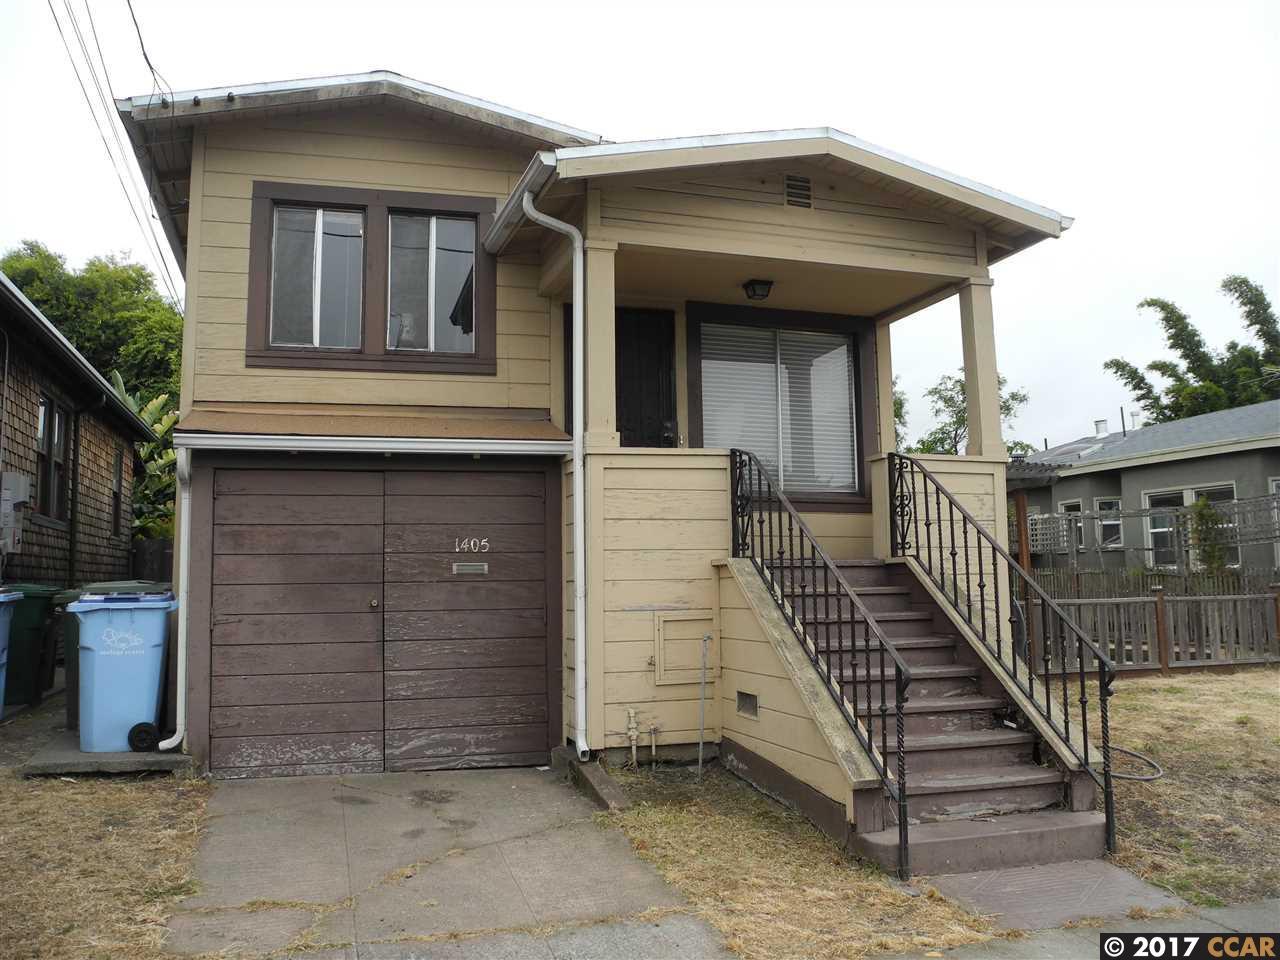 1405 Santa Fe Ave, BERKELEY, CA 94702